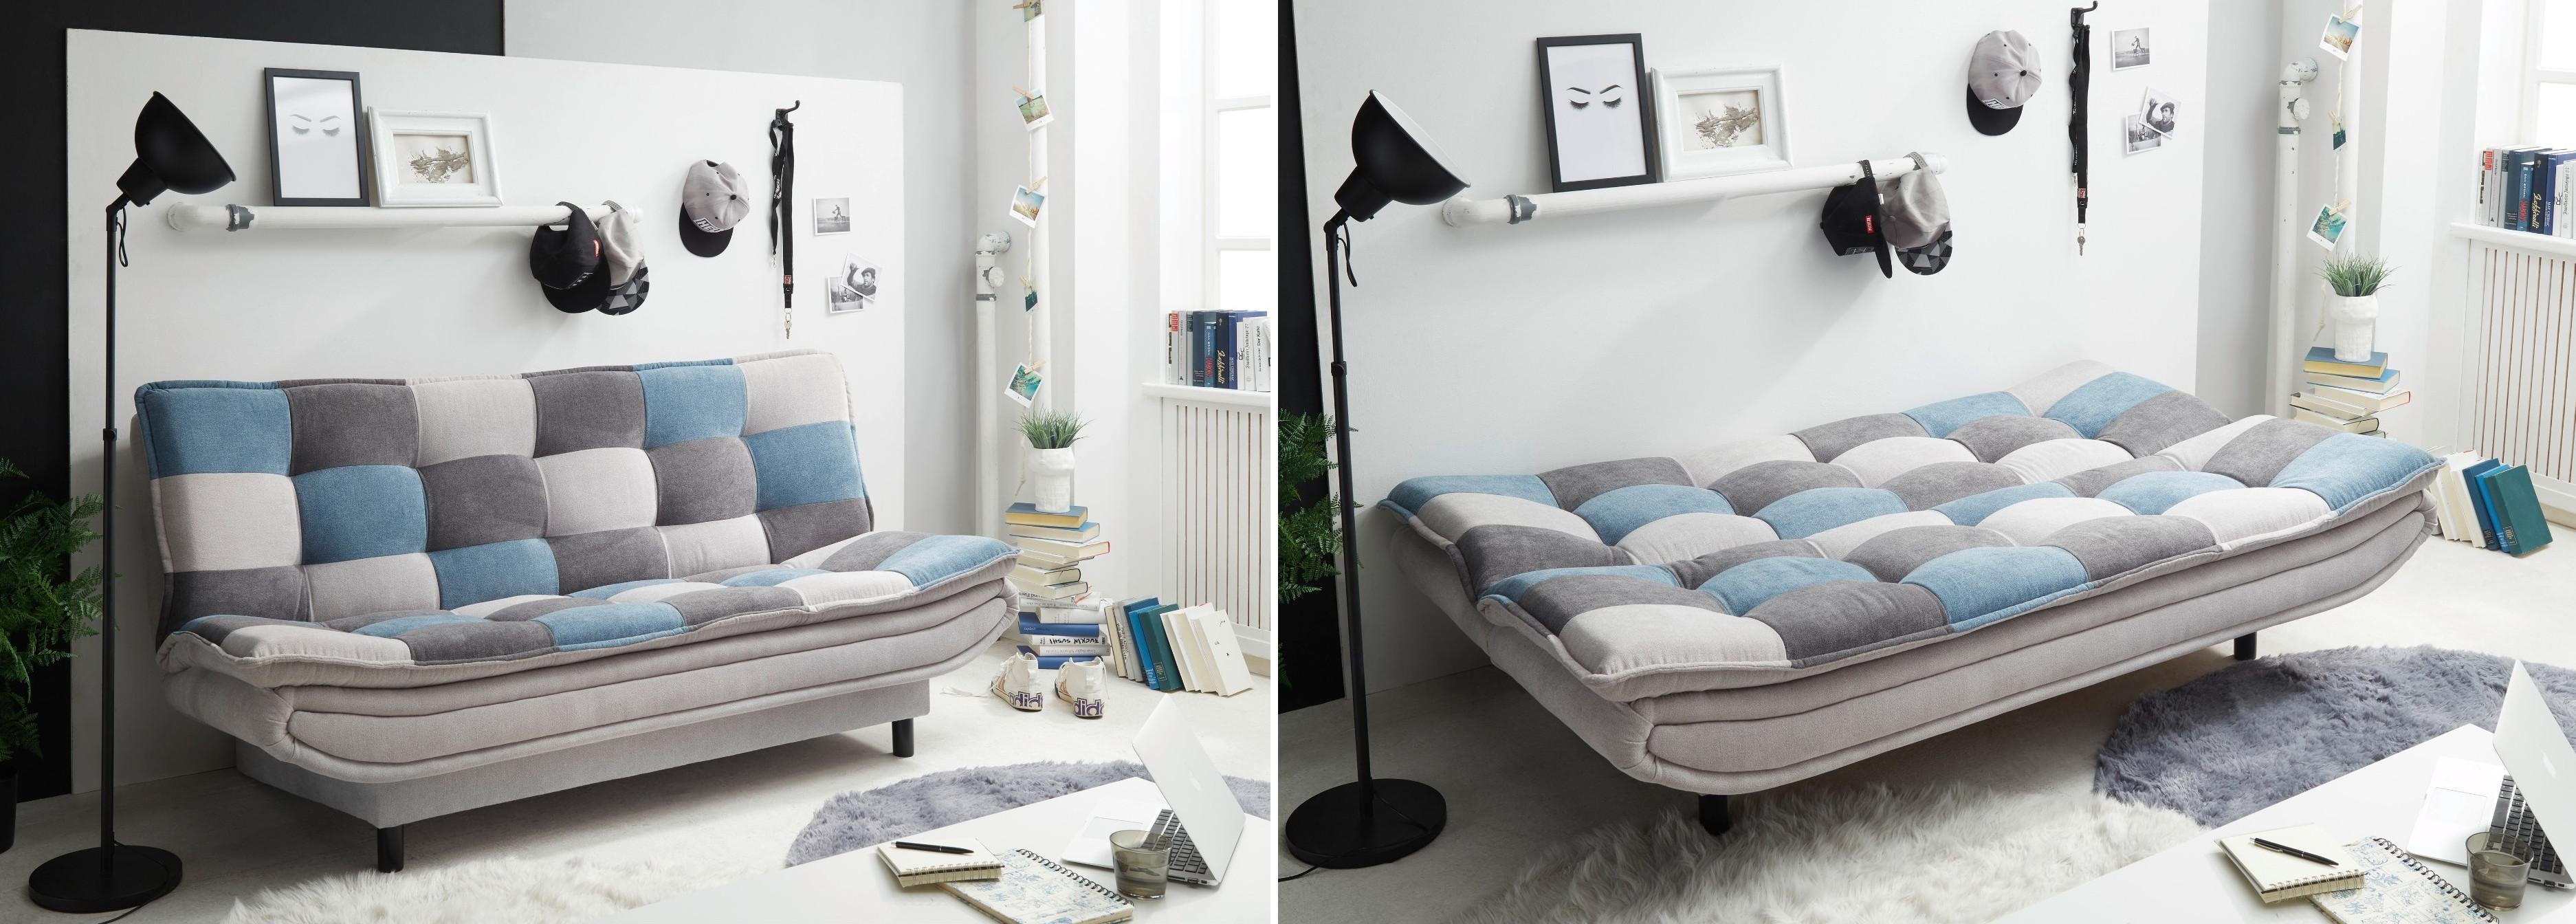 Každý rozměr je důležitý – nemělo by se zapomínat ani na prostor potřebný pro manipulaci s nábytkem a jeho rozměrové varianty při používání.